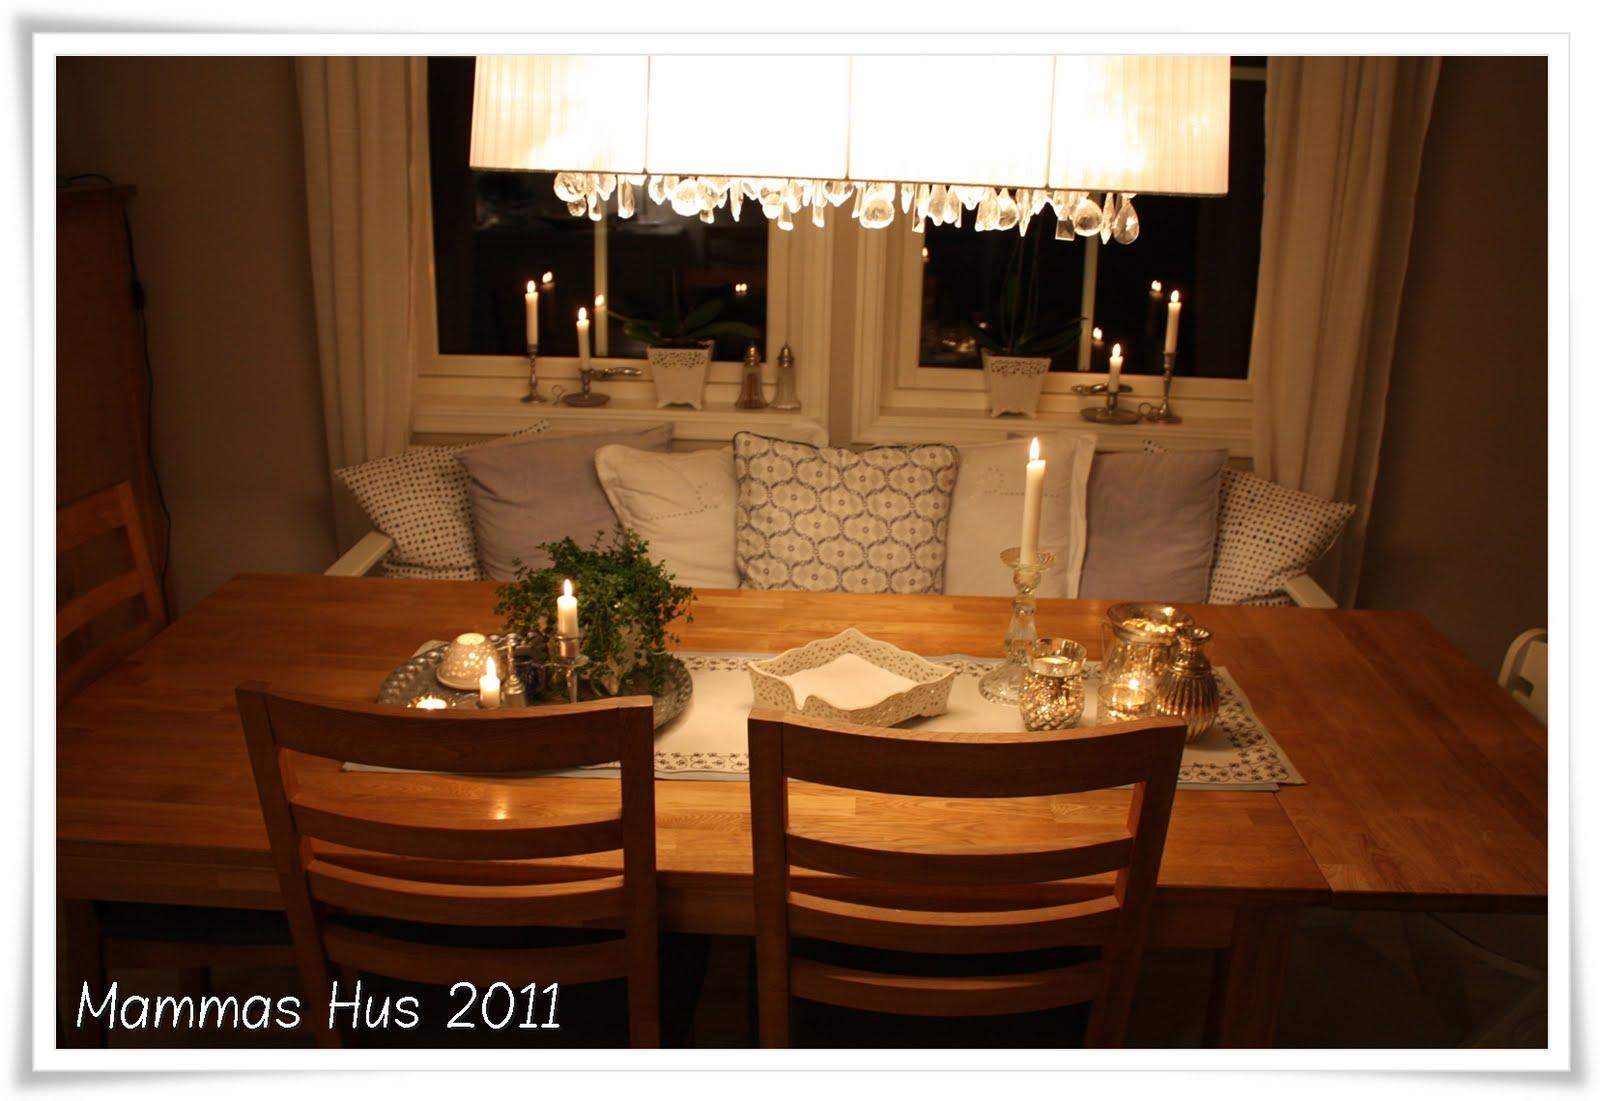 Mammas Hus: Spisebord og pynt